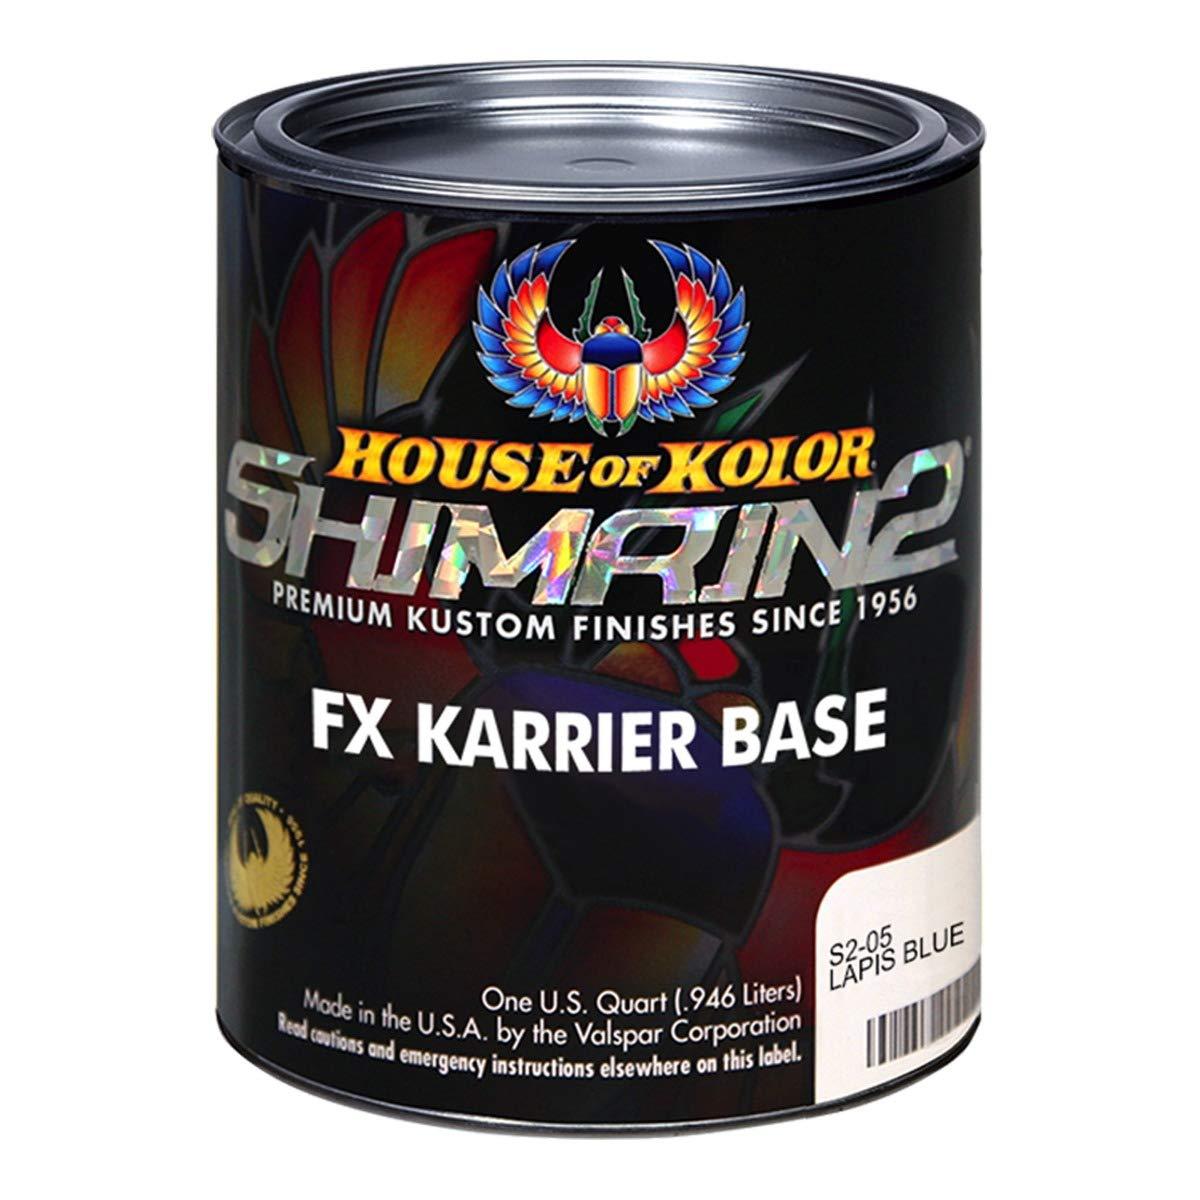 House of Kolor Lapis Blue Shimrin2 FX Karrier Base (Quart) by House of Kolor (Image #1)